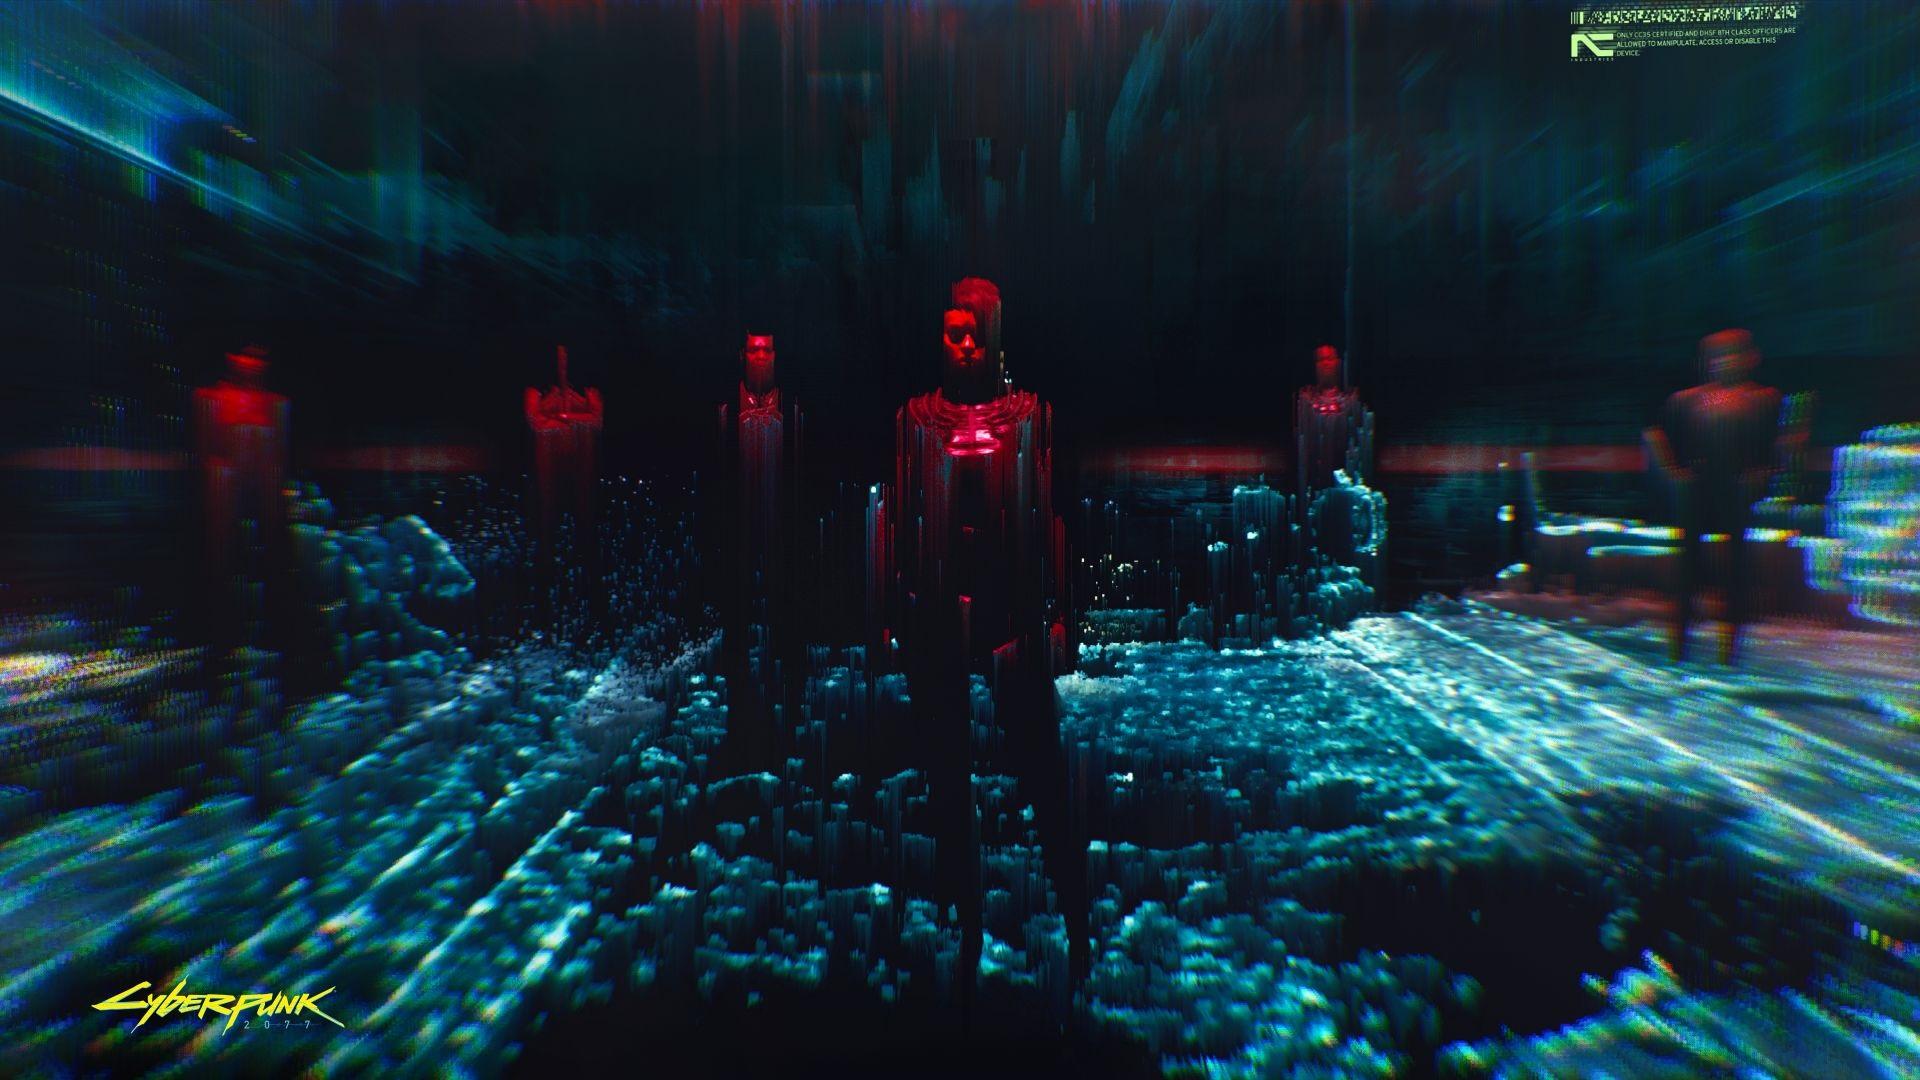 1. října budou spuštěny předobjednávky na Cyberpunk 2077: Collector's Edition